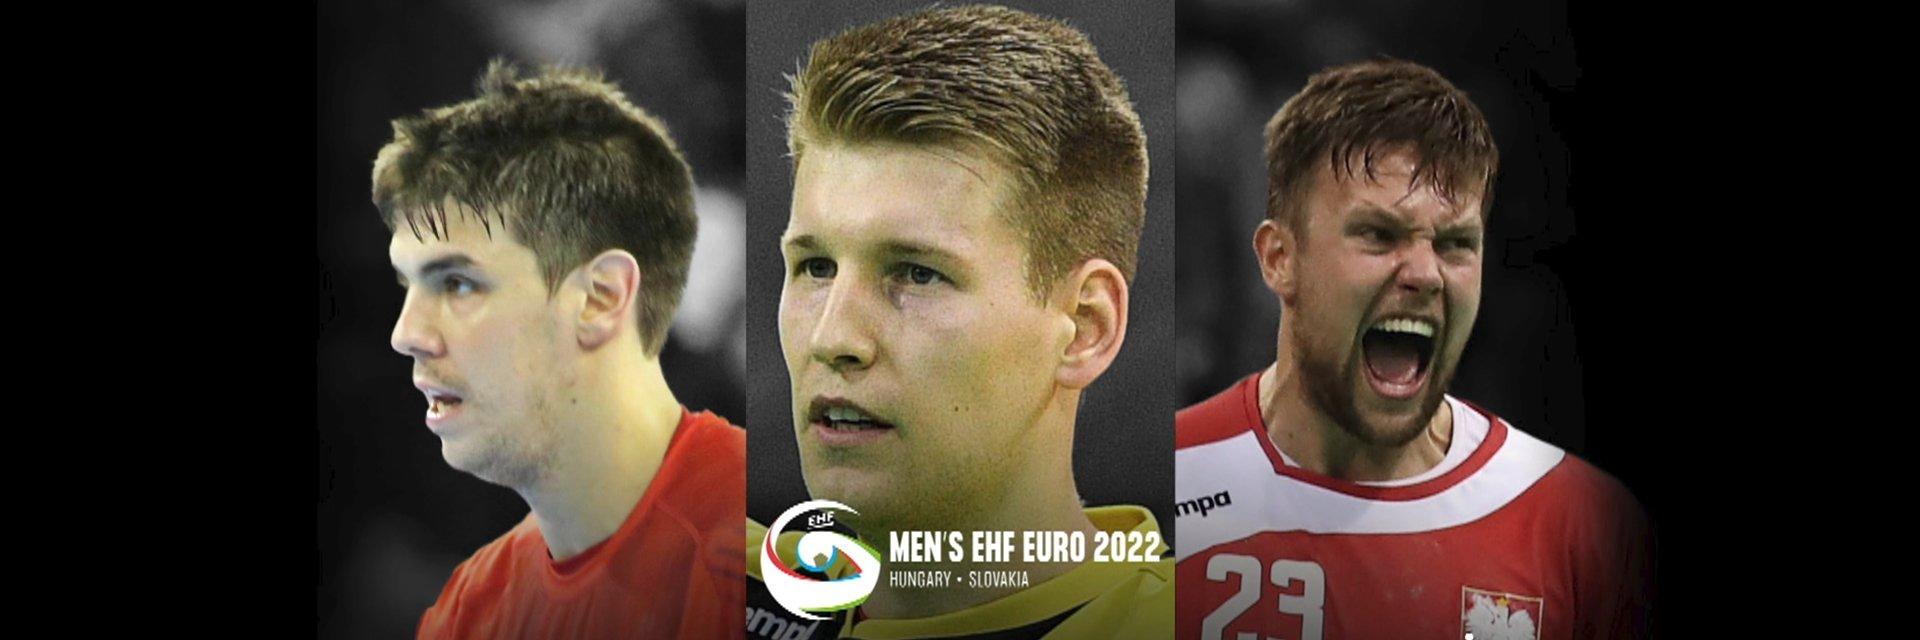 Eliminacje Mistrzostw Europy w piłce ręcznej mężczyzn na antenie telewizji Metro!